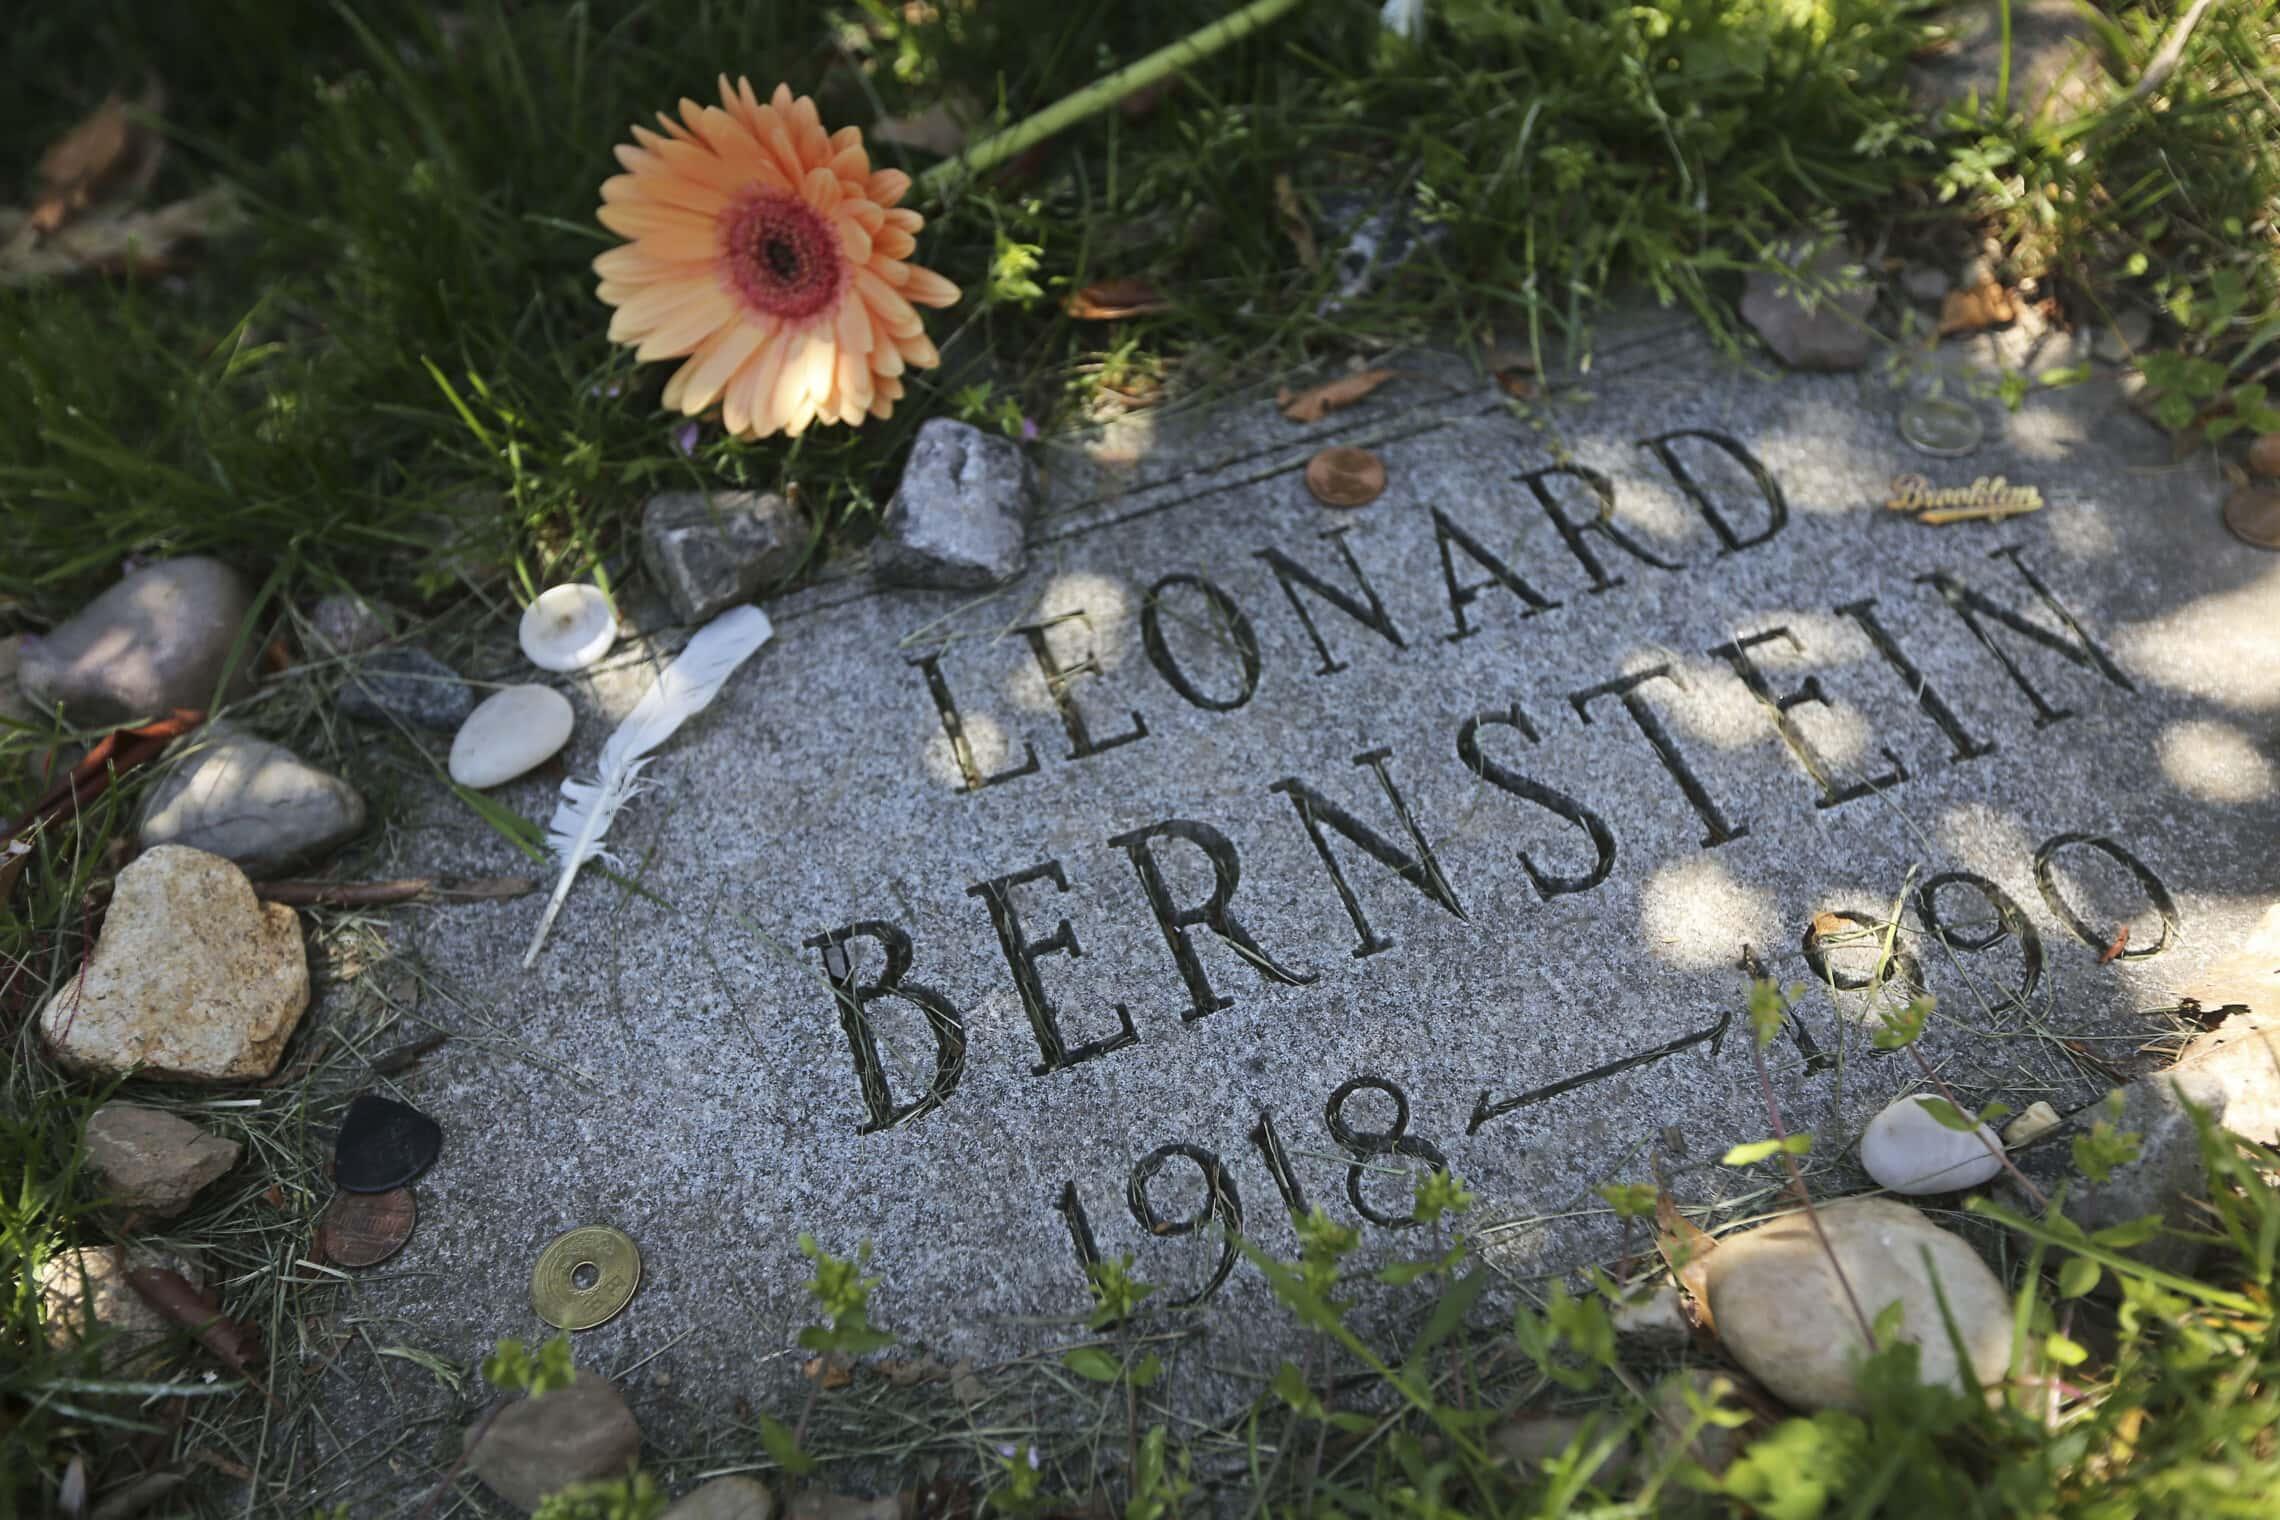 המצבה על קברו של לאונרד ברנשטיין בבית הקברות גרין-ווד בברוקלין, ניו יורק (צילום: AP Photo/Mary Altaffer)